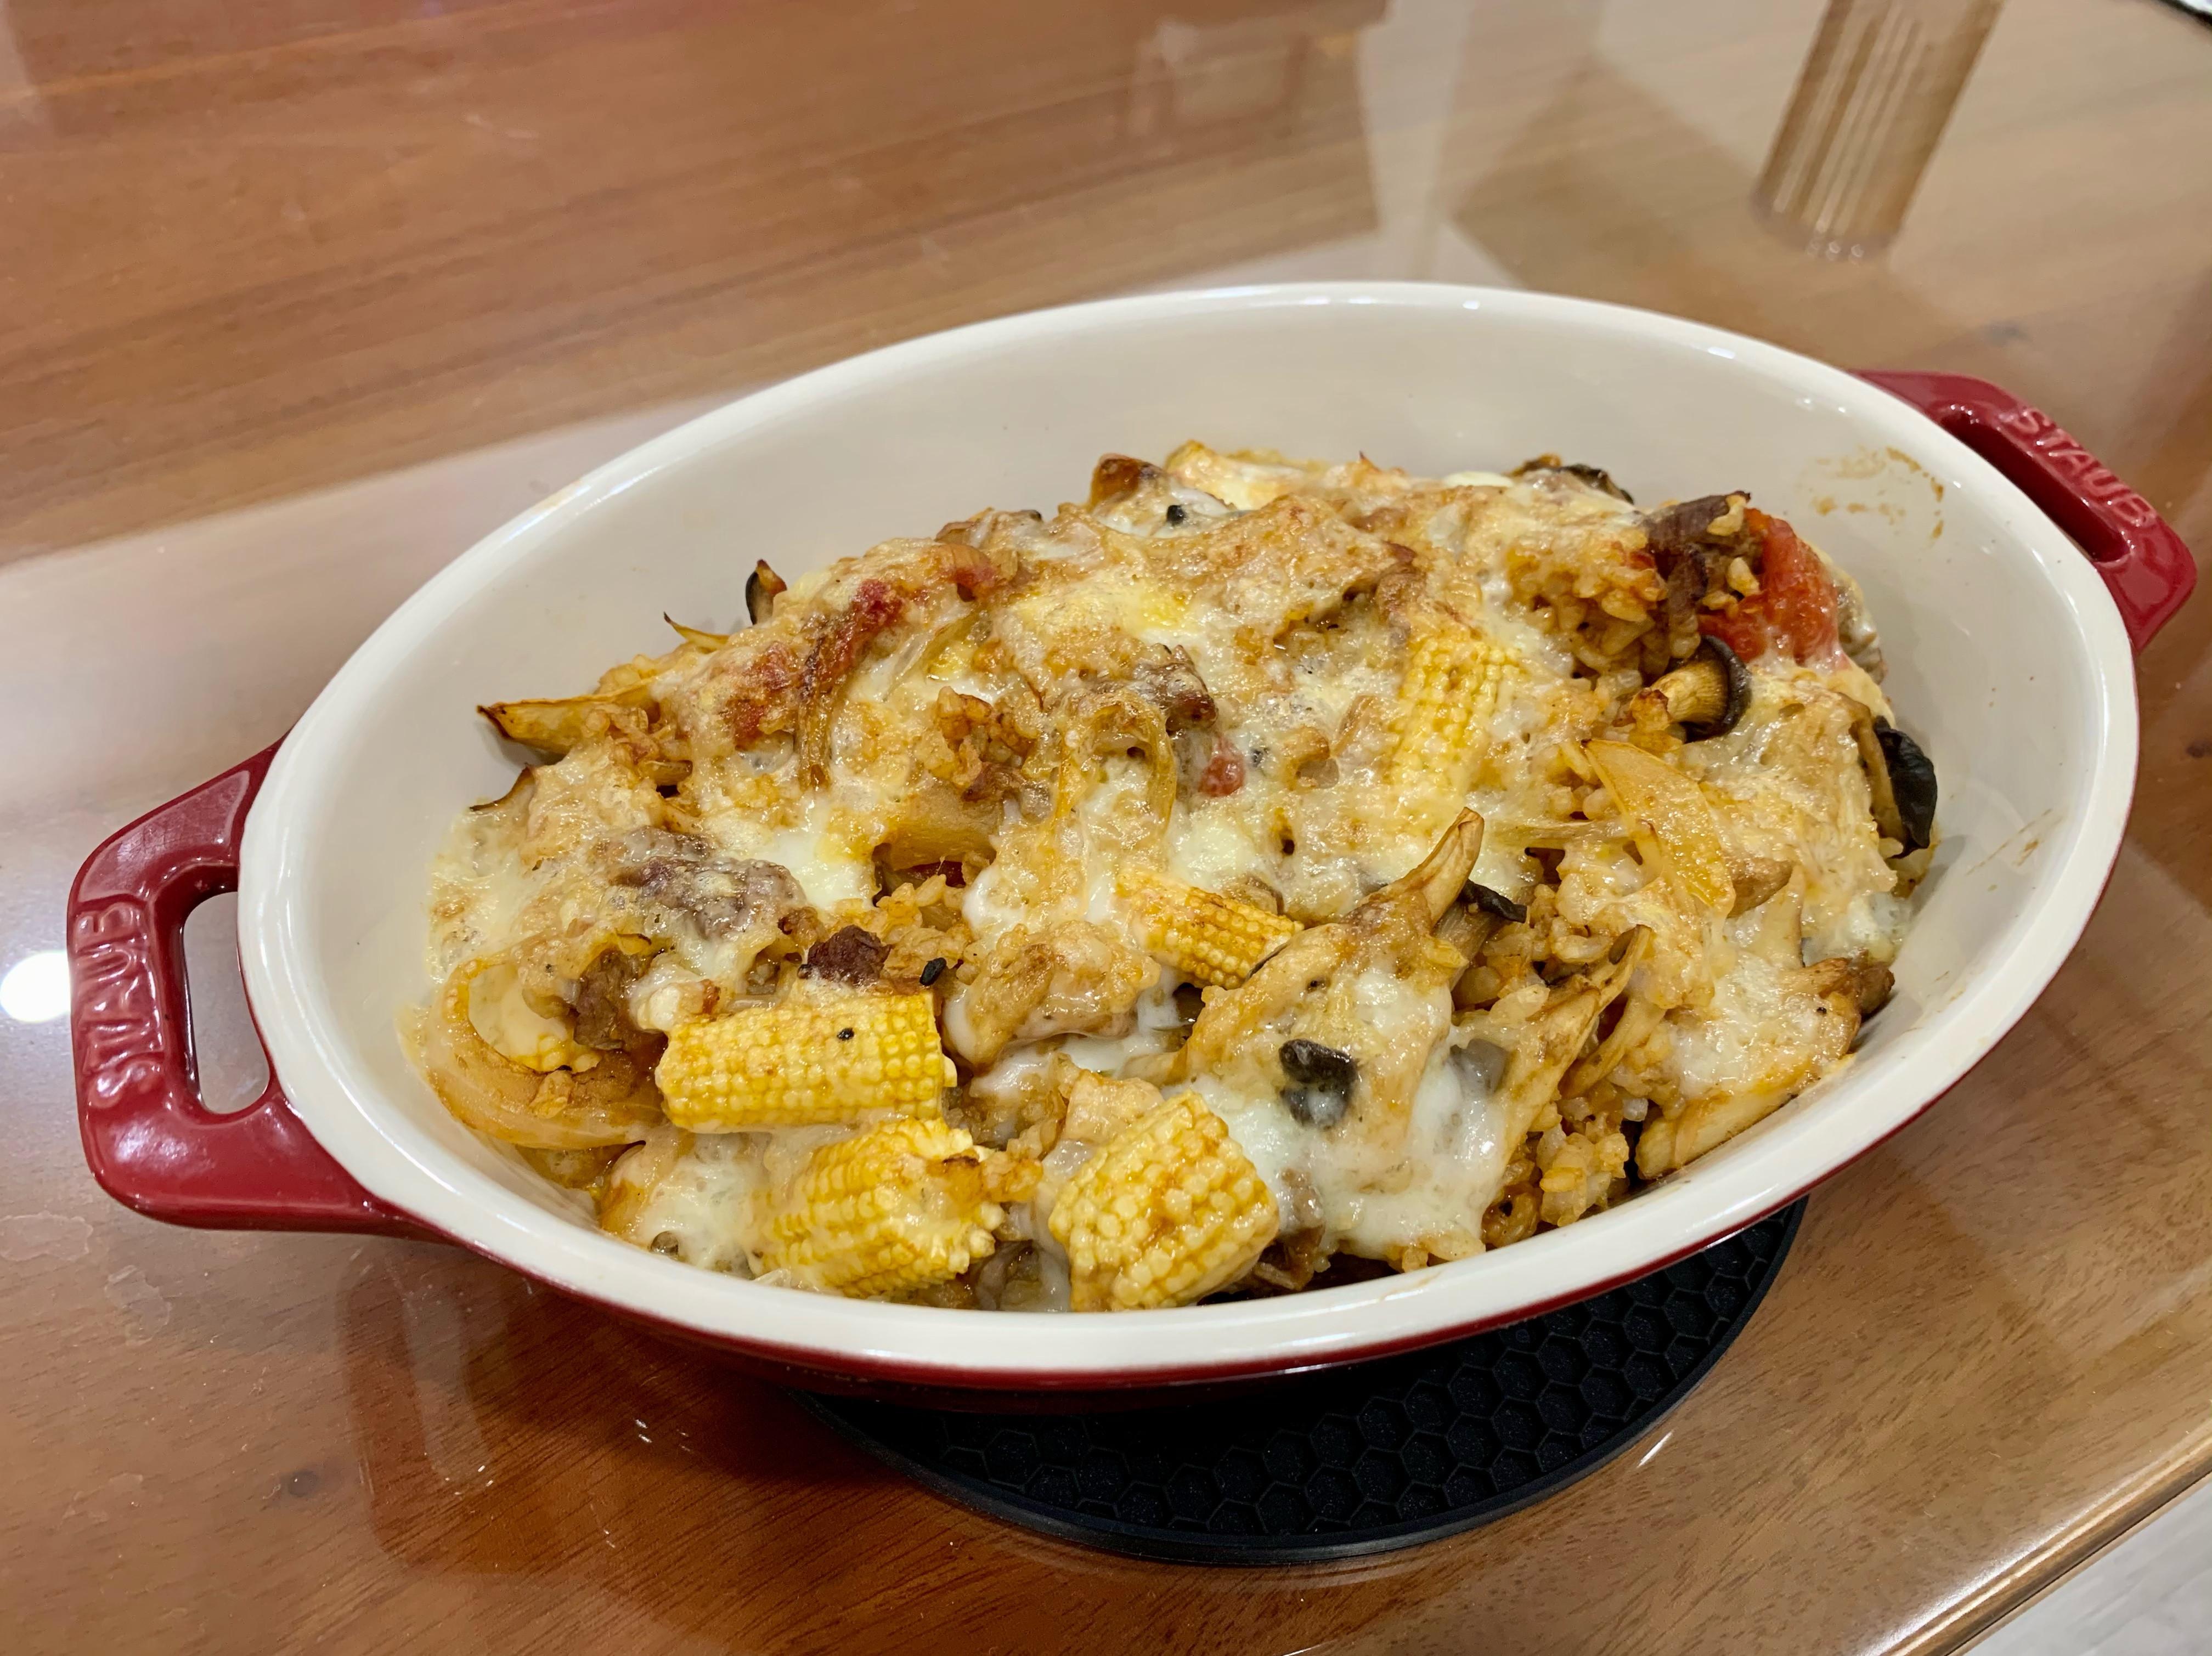 阿拉丁烤箱-焗烤紅醬牛肉